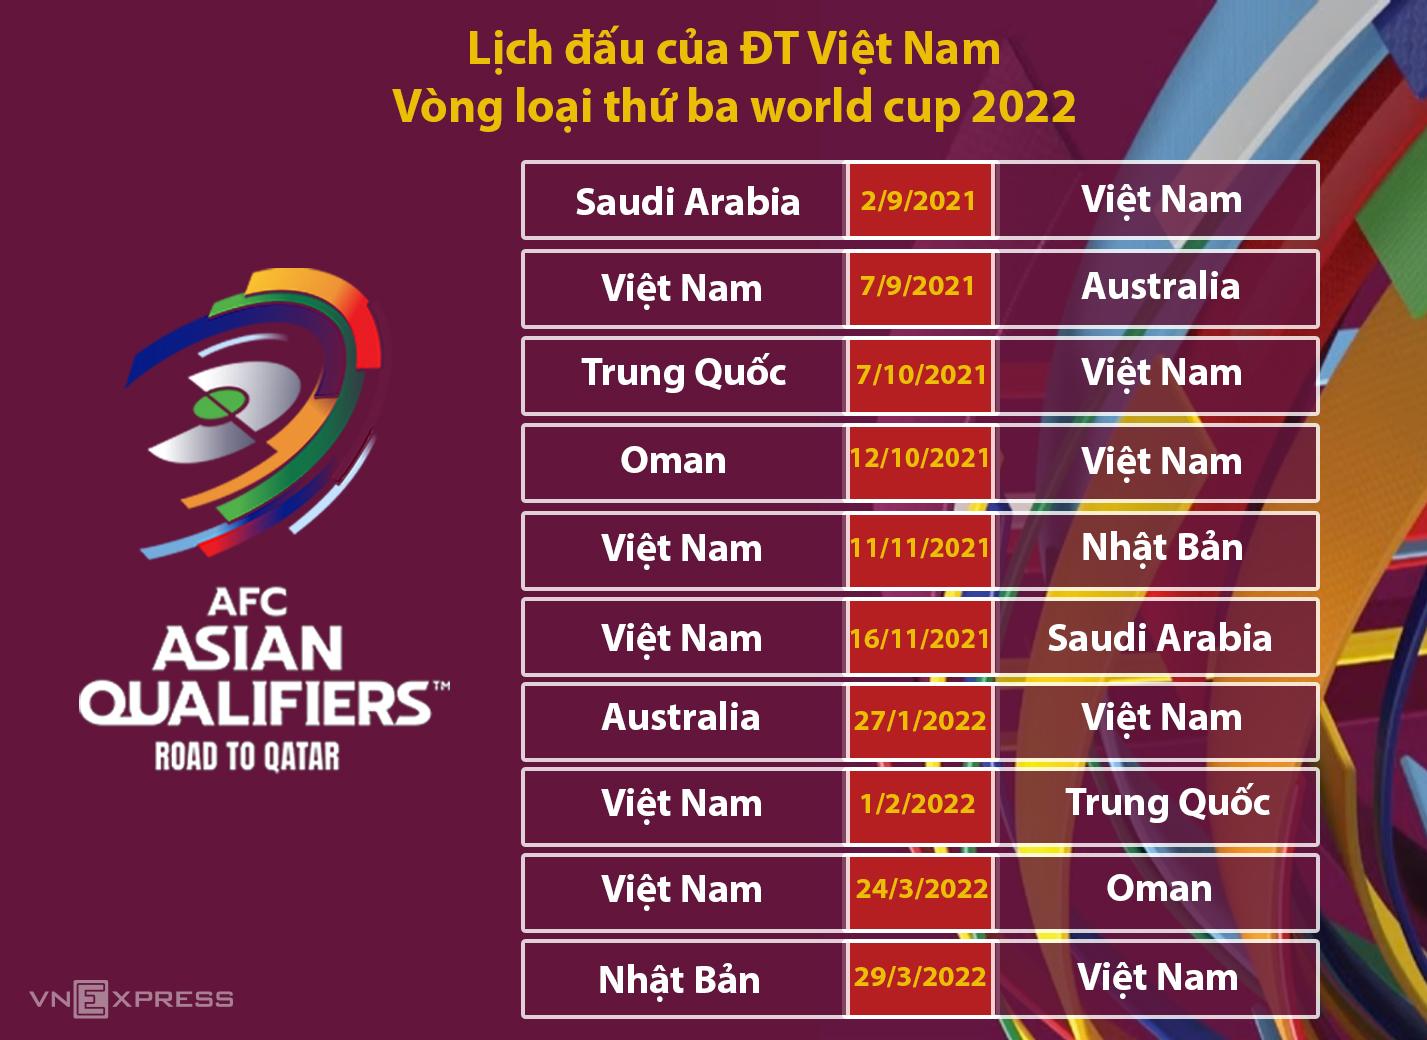 Việt Nam cùng bảng Trung Quốc ở vòng loại thứ ba World Cup-baccarat game-baccarat game download-rich888